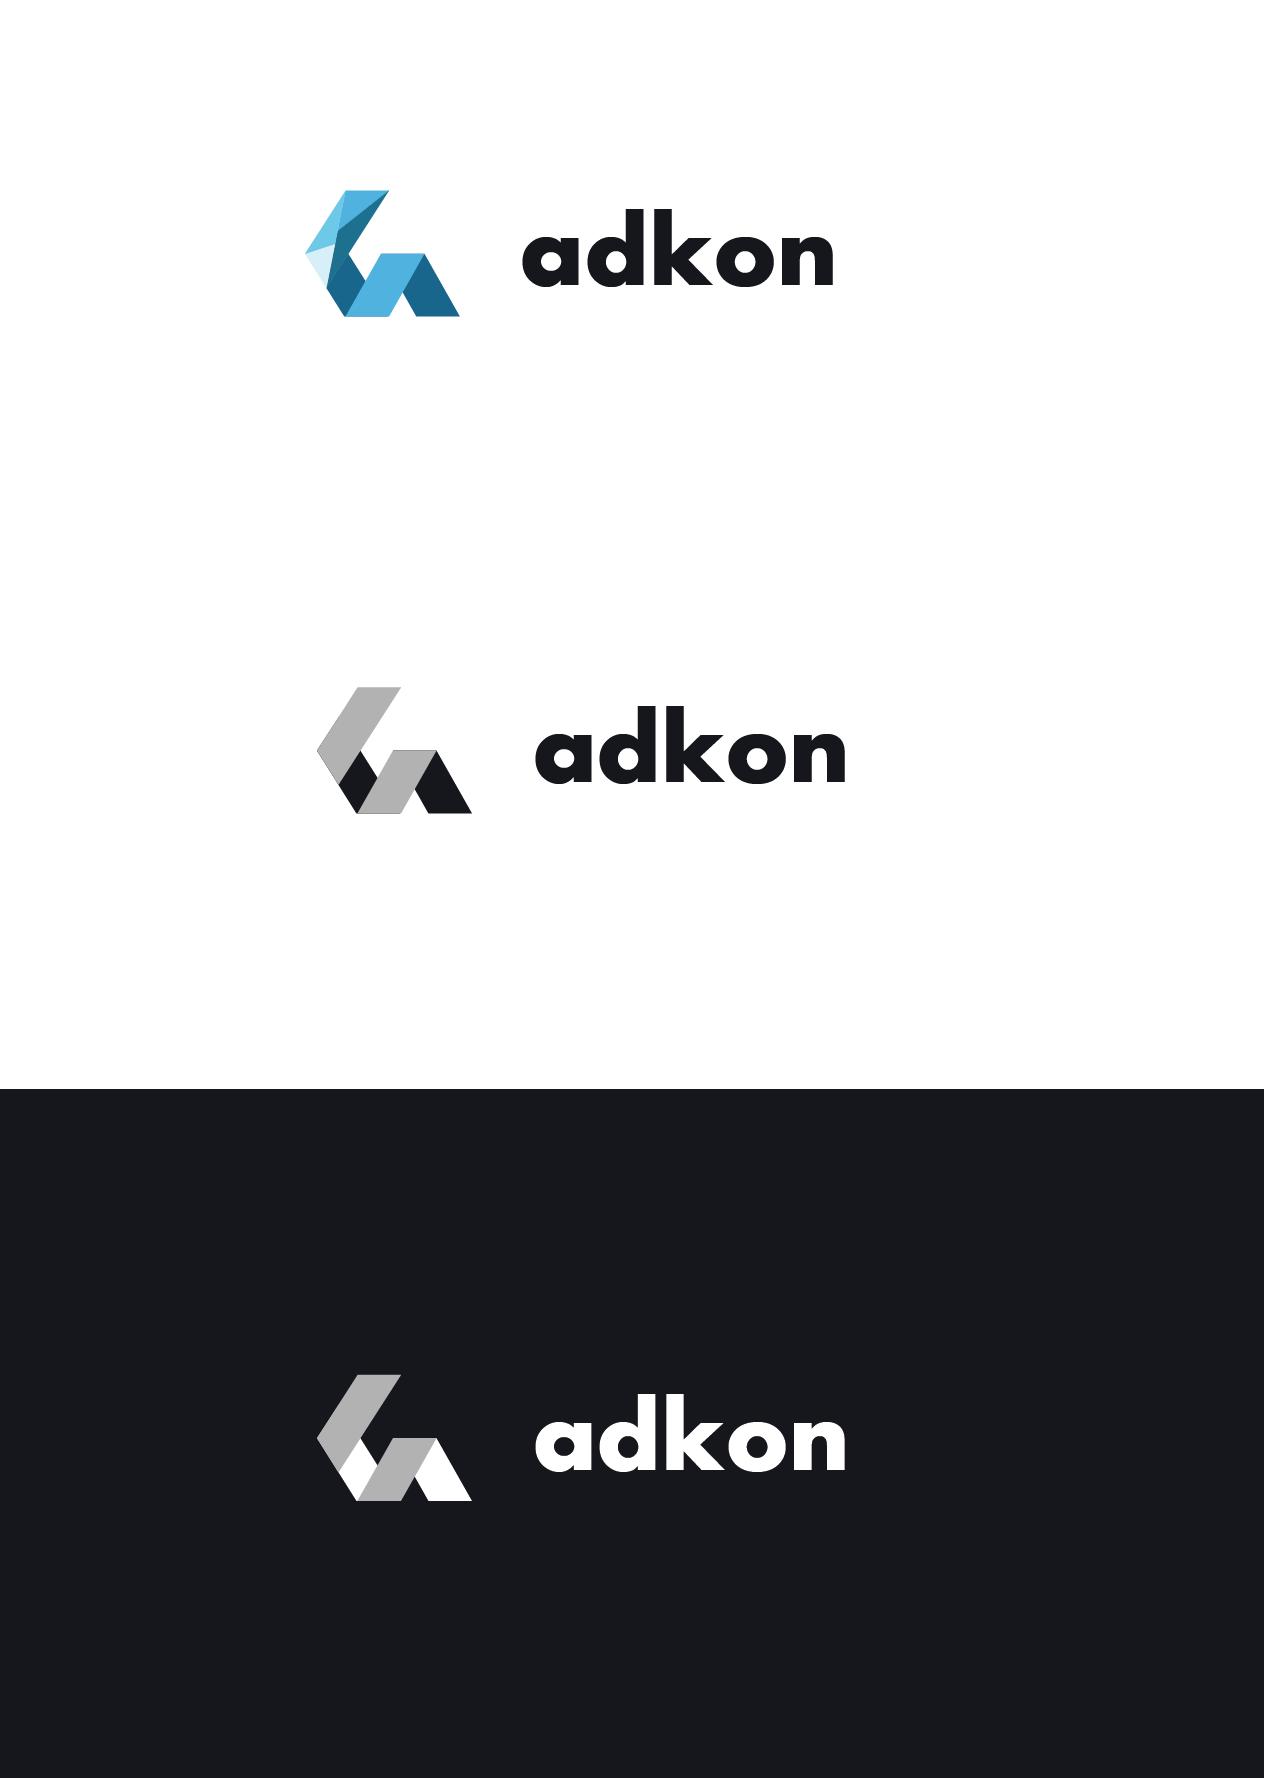 Разработка логотипа для компании фото f_41959765390d5f1f.png